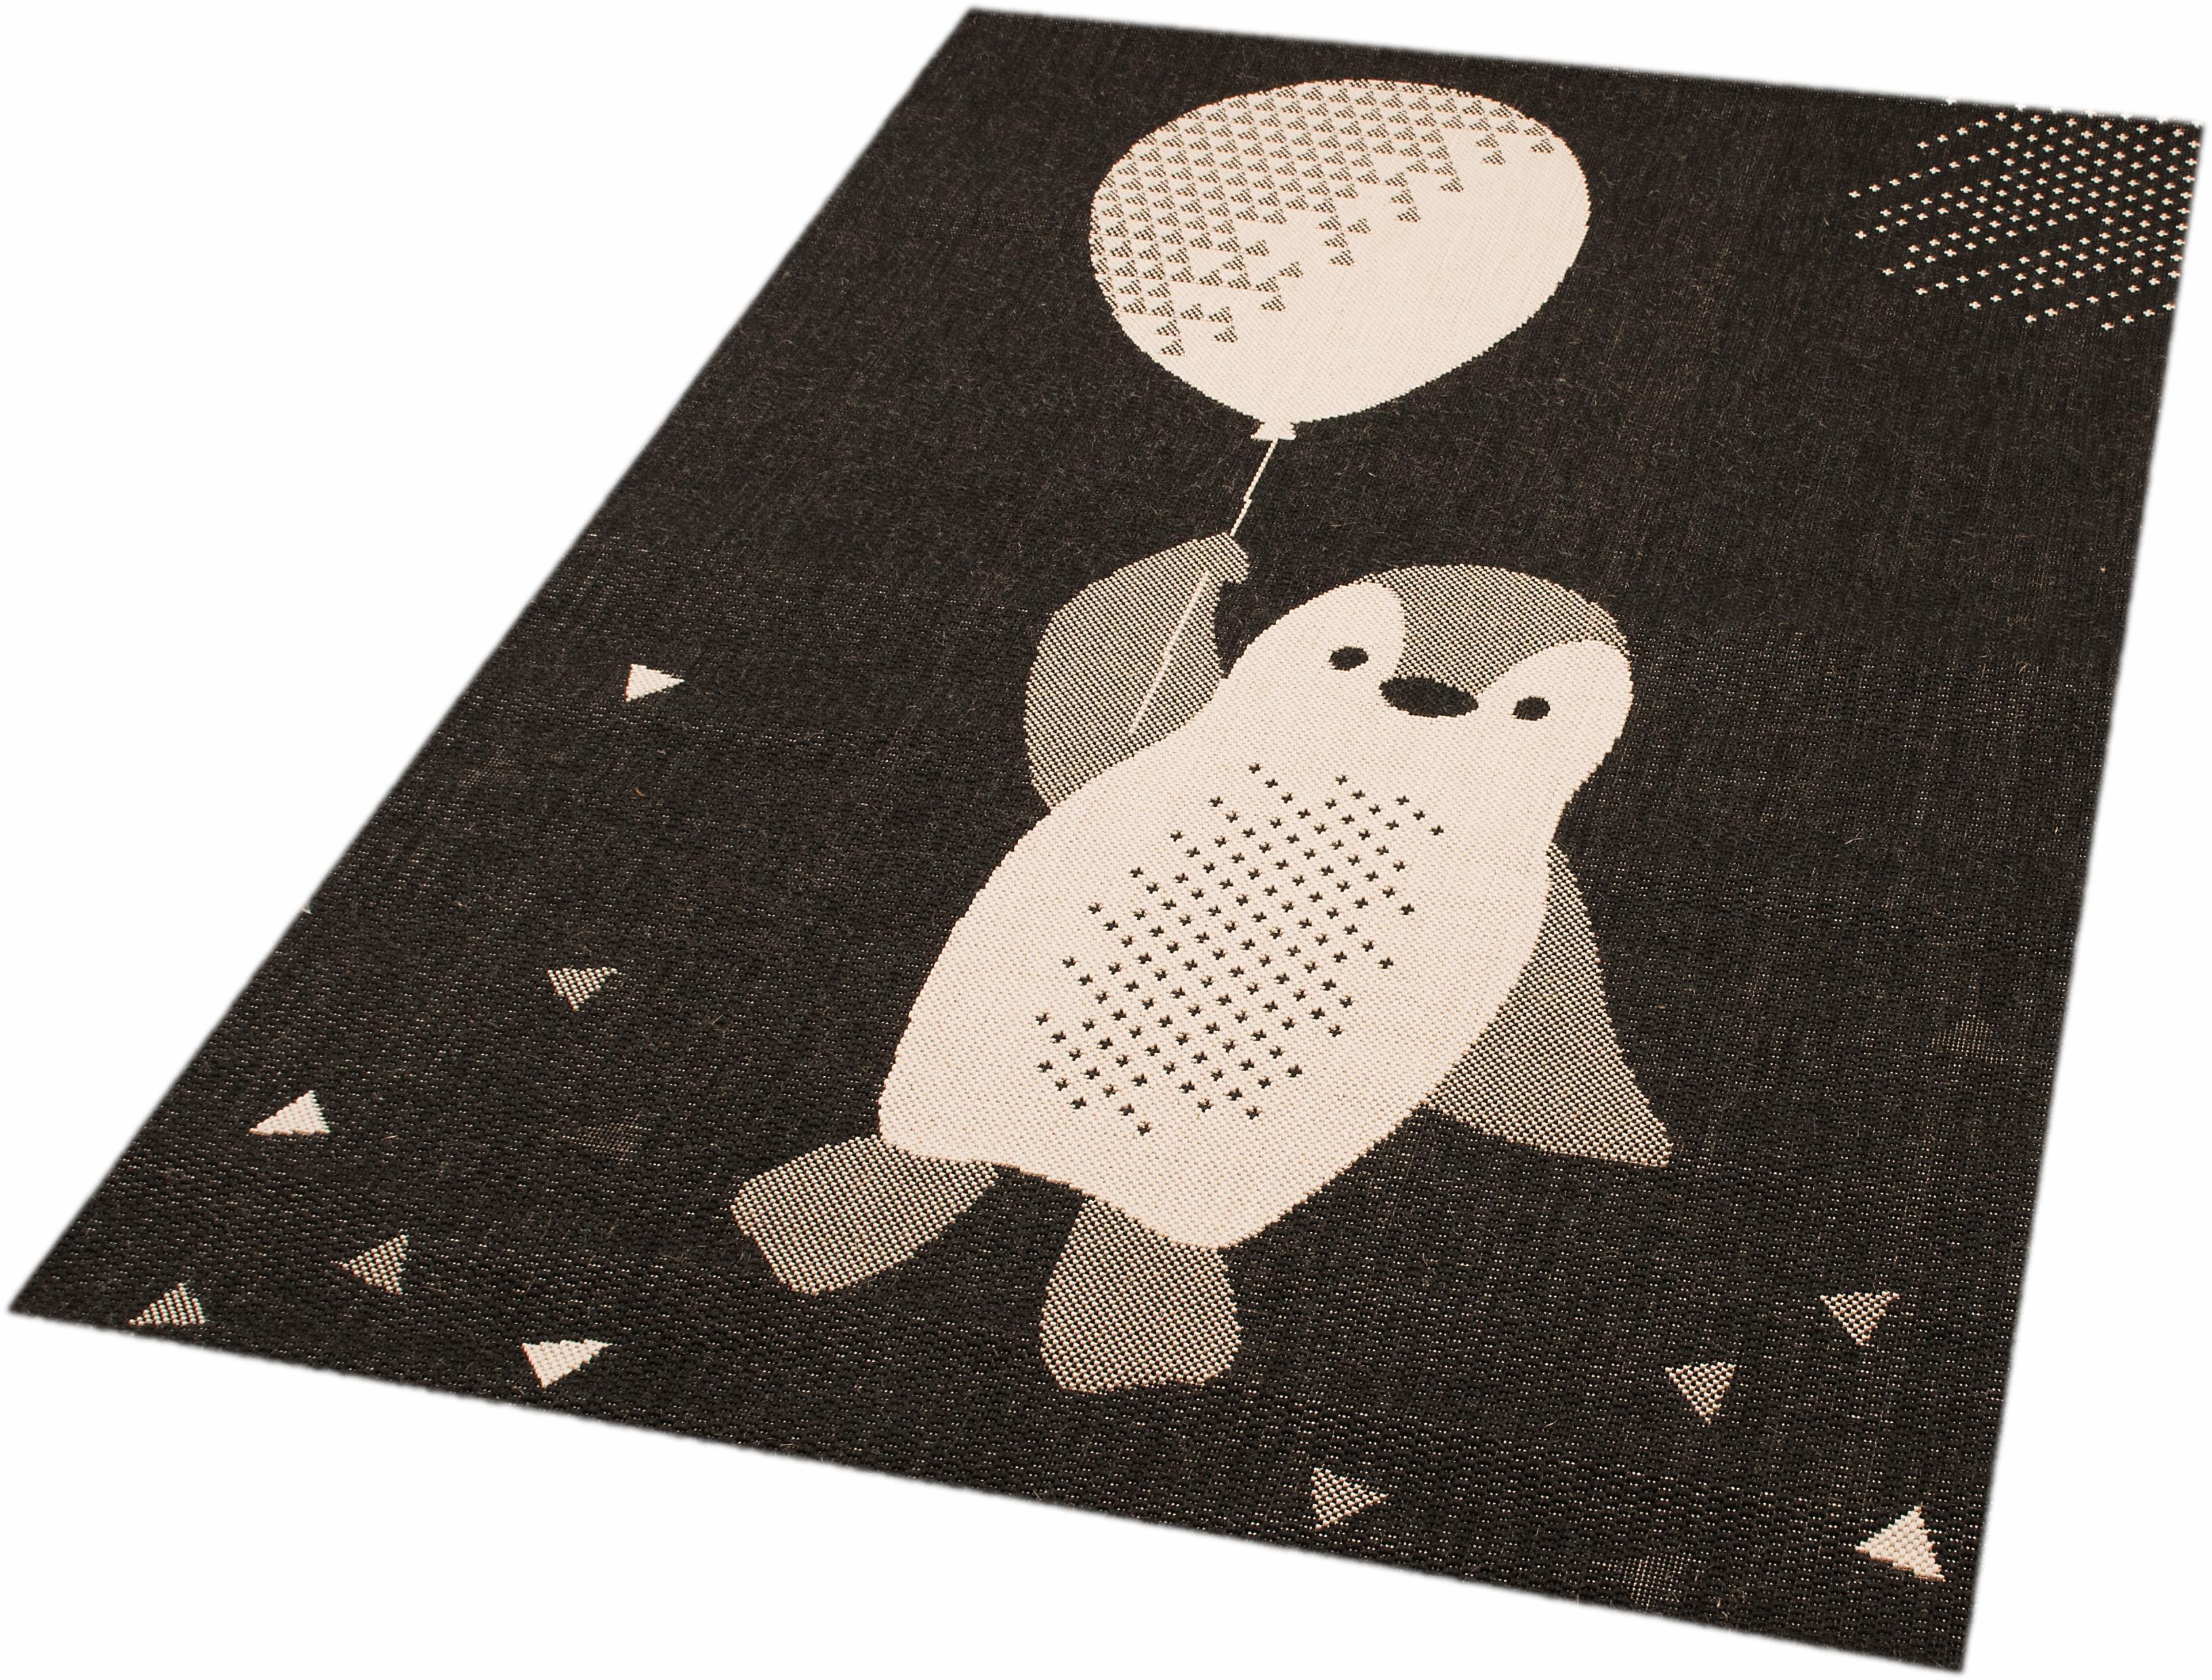 Kinderteppich Pinguin Rico Zala Living rechteckig Höhe 4 mm maschinell gewebt